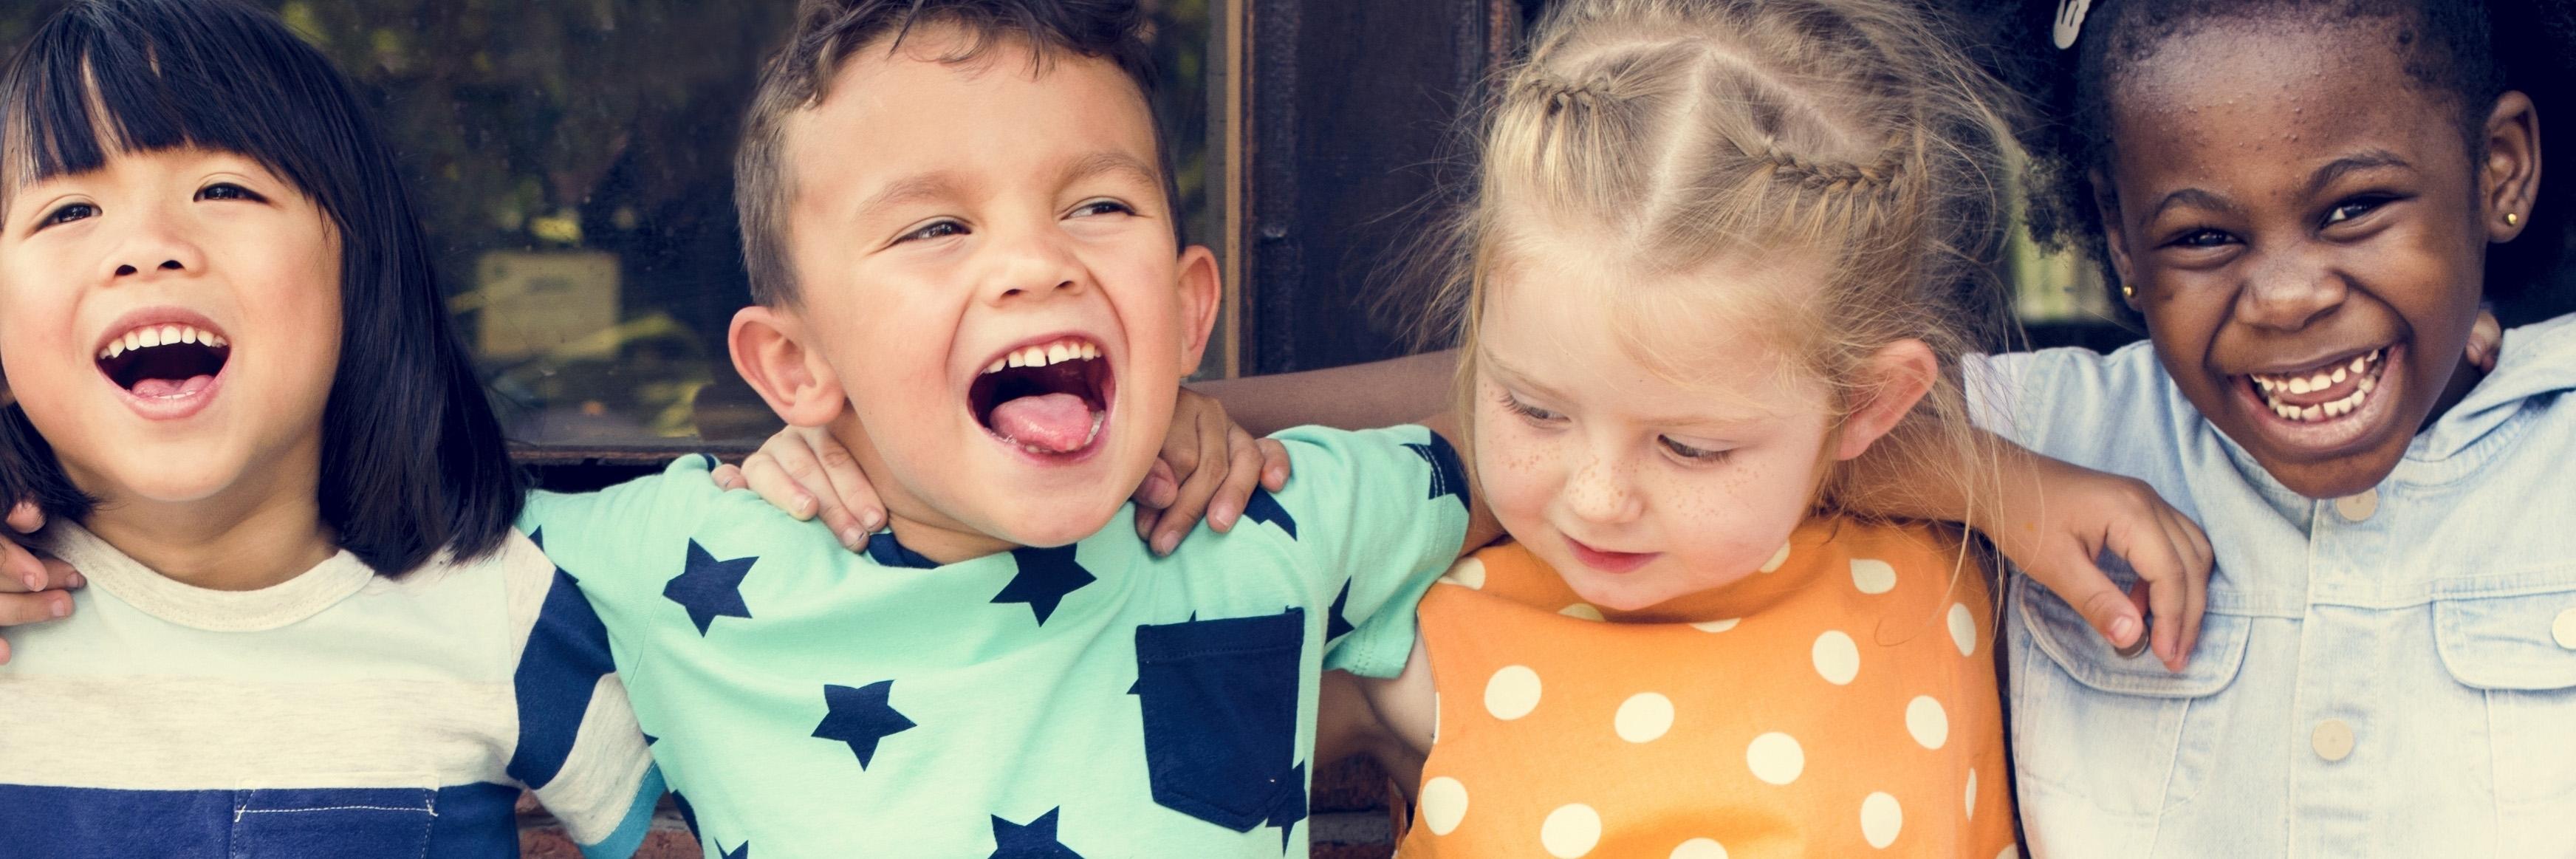 children sitting arm in arm